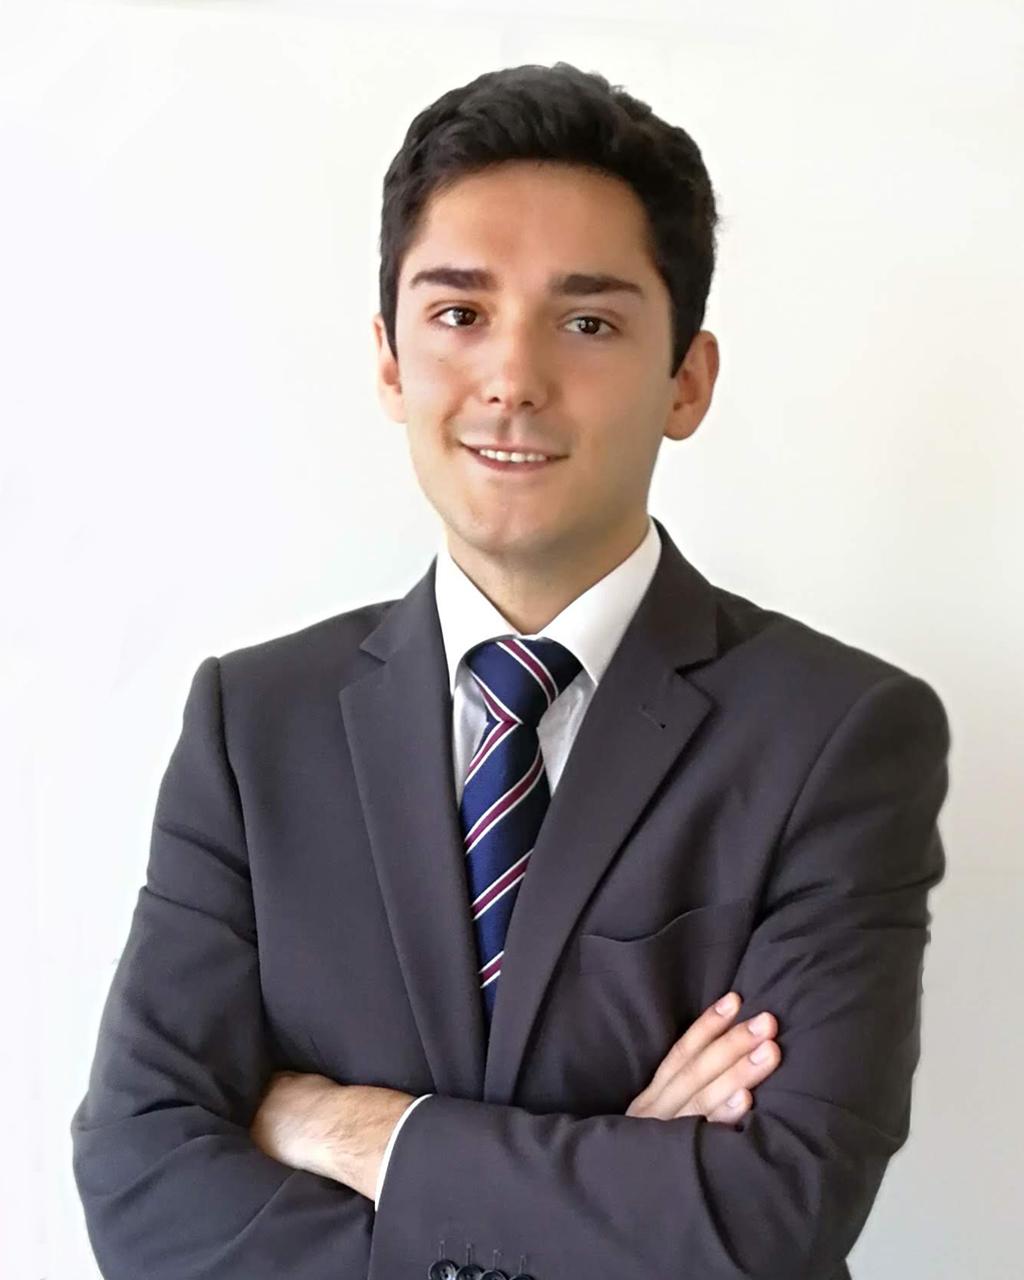 José Sousa Carneiro